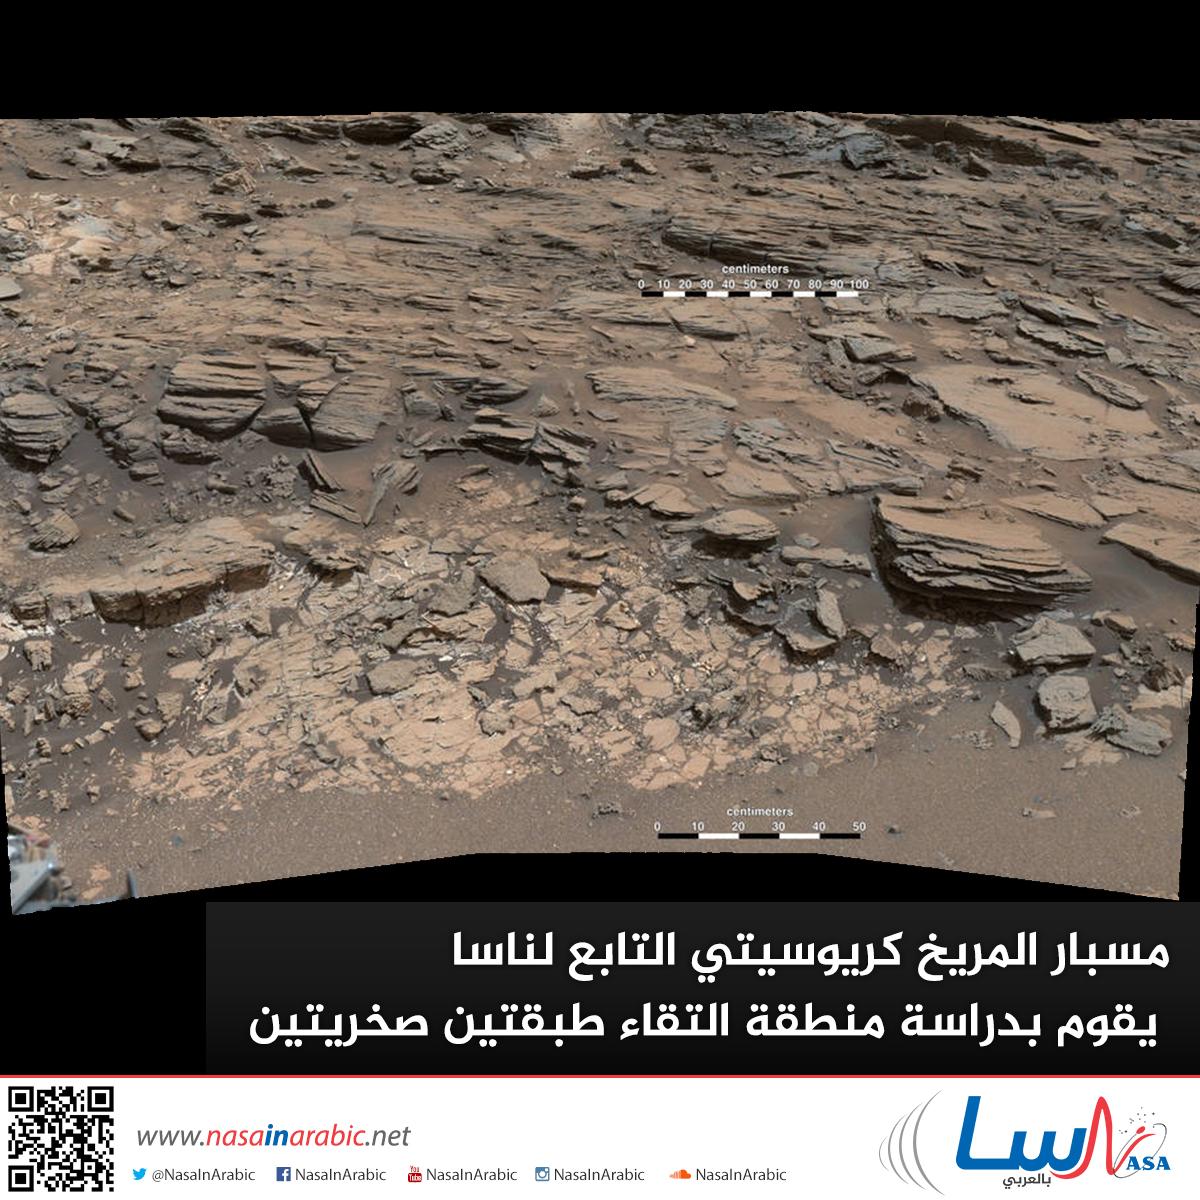 مسبار المريخ كريوسيتي التابع لناسا يقوم بدراسة منطقة التقاء طبقتين صخريتين